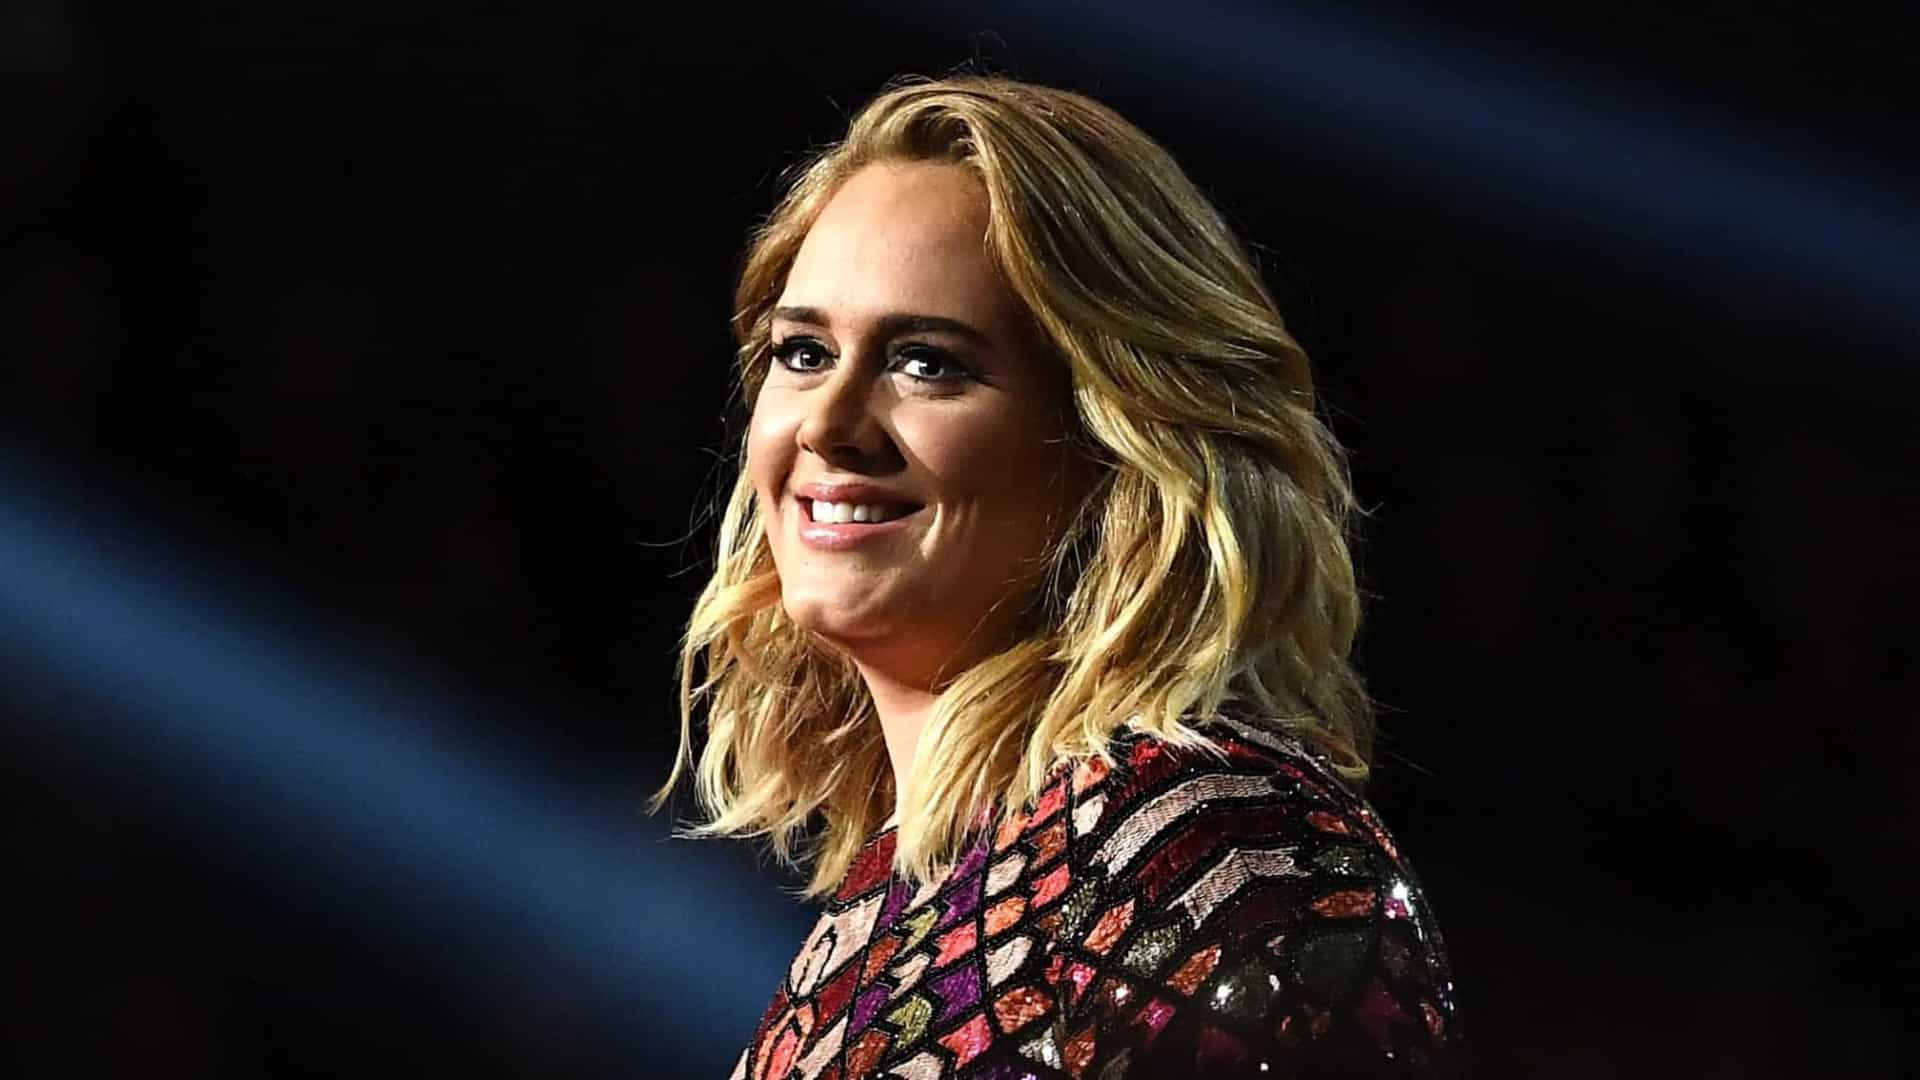 Músicas de Adele e Coldplay ajudam a combater ansiedade, diz pesquisa